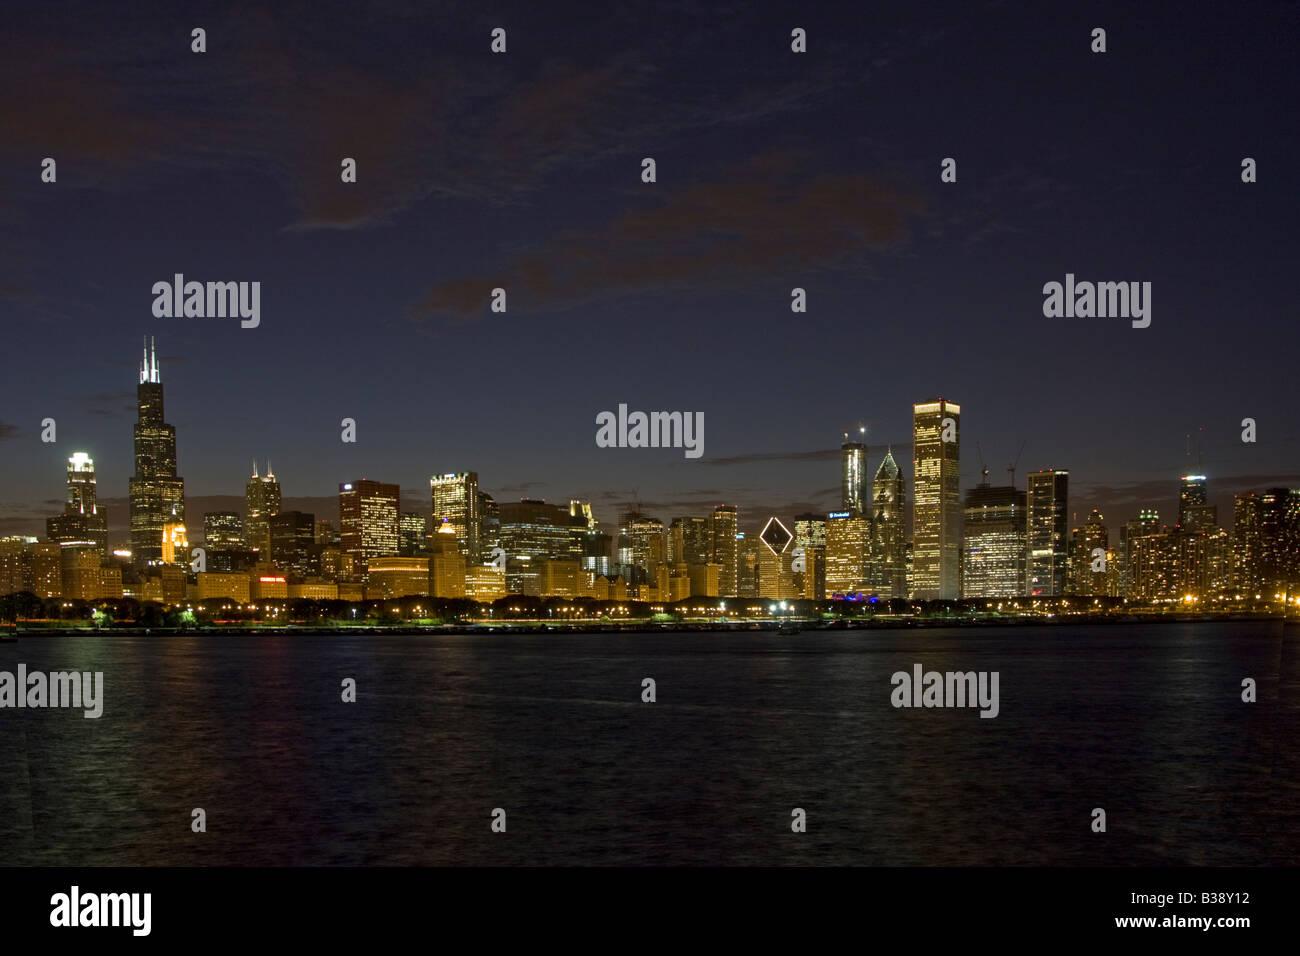 Chicago Illinois d'horizon. En soirée. La Sears Tower (Willis Tower) sur le côté gauche, Hancock Photo Stock